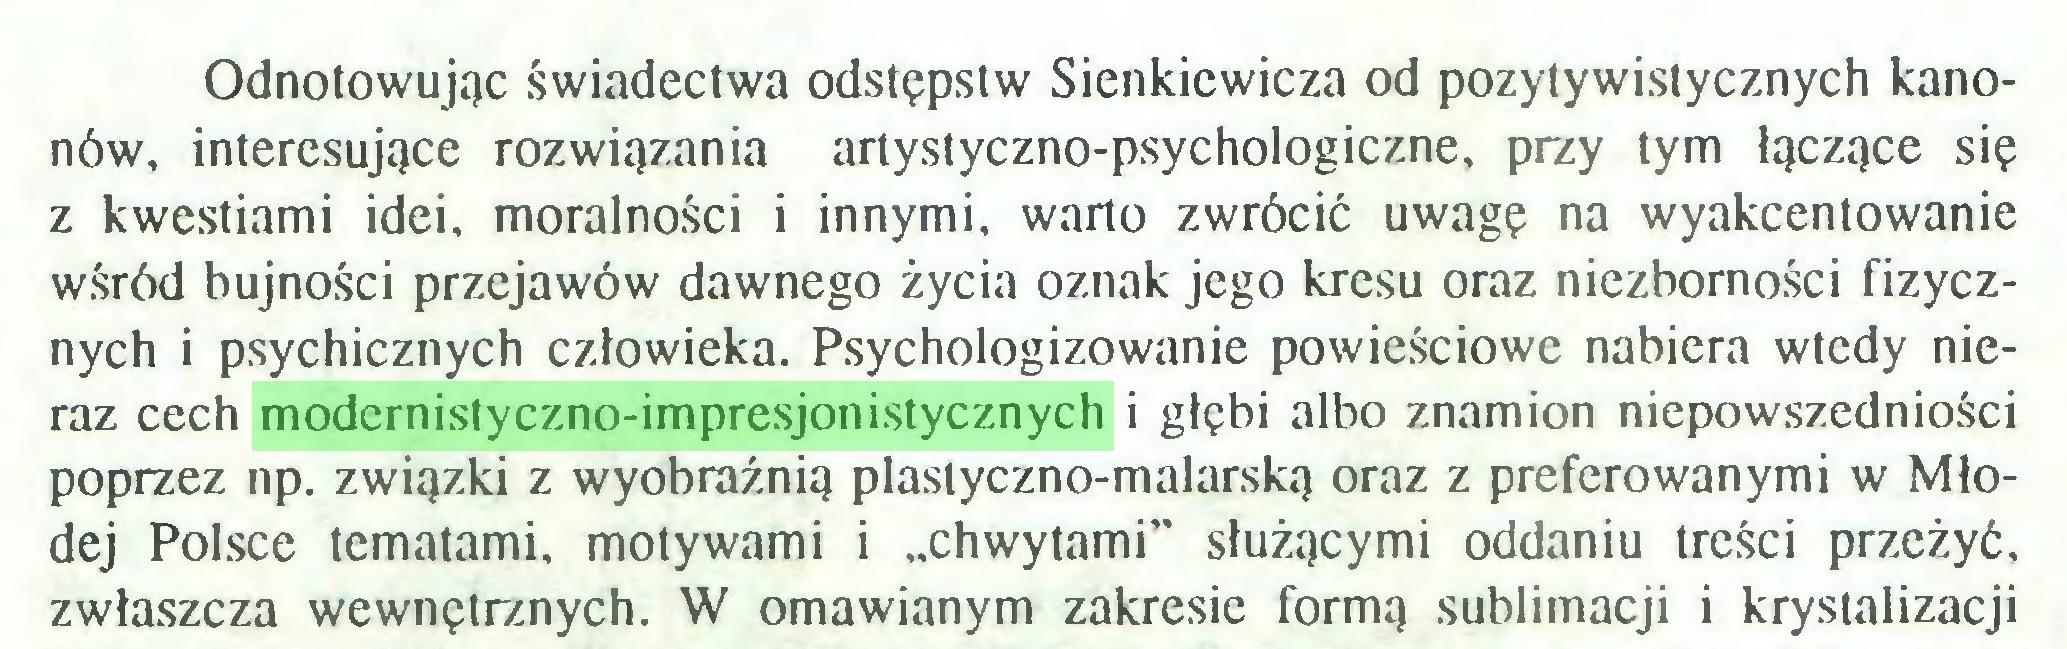 """(...) Odnotowując świadectwa odstępstw Sienkiewicza od pozytywistycznych kanonów, interesujące rozwiązania artystyczno-psychologiczne, przy tym łączące się z kwestiami idei, moralności i innymi, warto zwrócić uwagę na wyakcentowanie wśród bujności przejawów dawnego życia oznak jego kresu oraz niezborności fizycznych i psychicznych człowieka. Psychologizowanie powieściowe nabiera wtedy nieraz cech modernistyczno-impresjonistycznych i głębi albo znamion niepowszedniości poprzez np. związki z wyobraźnią plastyczno-malarską oraz z preferowanymi w Młodej Polsce tematami, motywami i """"chwytami"""" służącymi oddaniu treści przeżyć, zwłaszcza wewnętrznych. W omawianym zakresie formą sublimacji i krystalizacji..."""